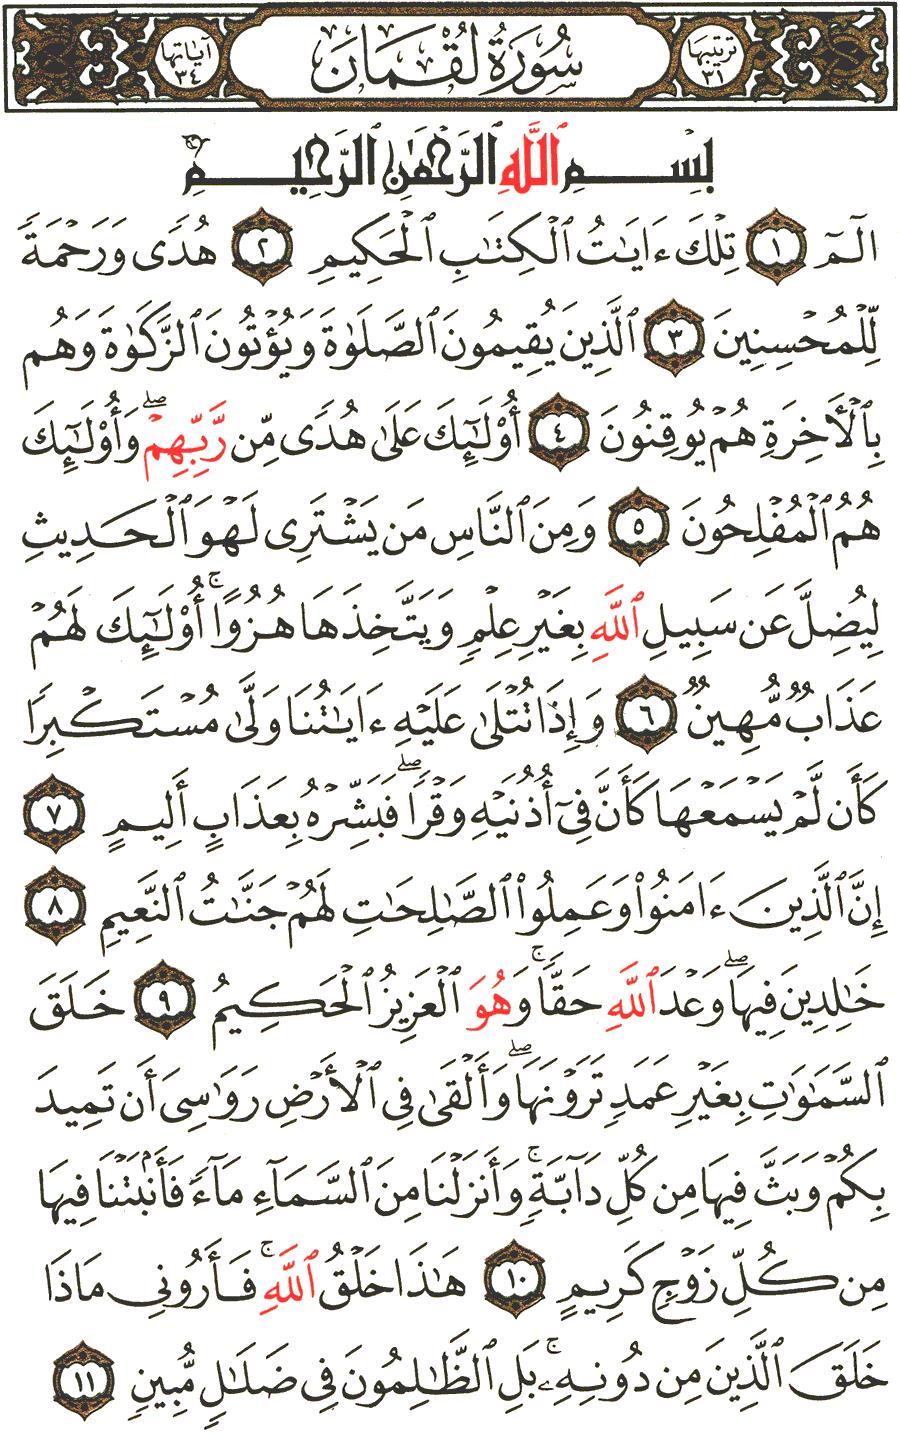 الصفحة رقم 411 من القرآن الكريم مكتوبة من المصحف